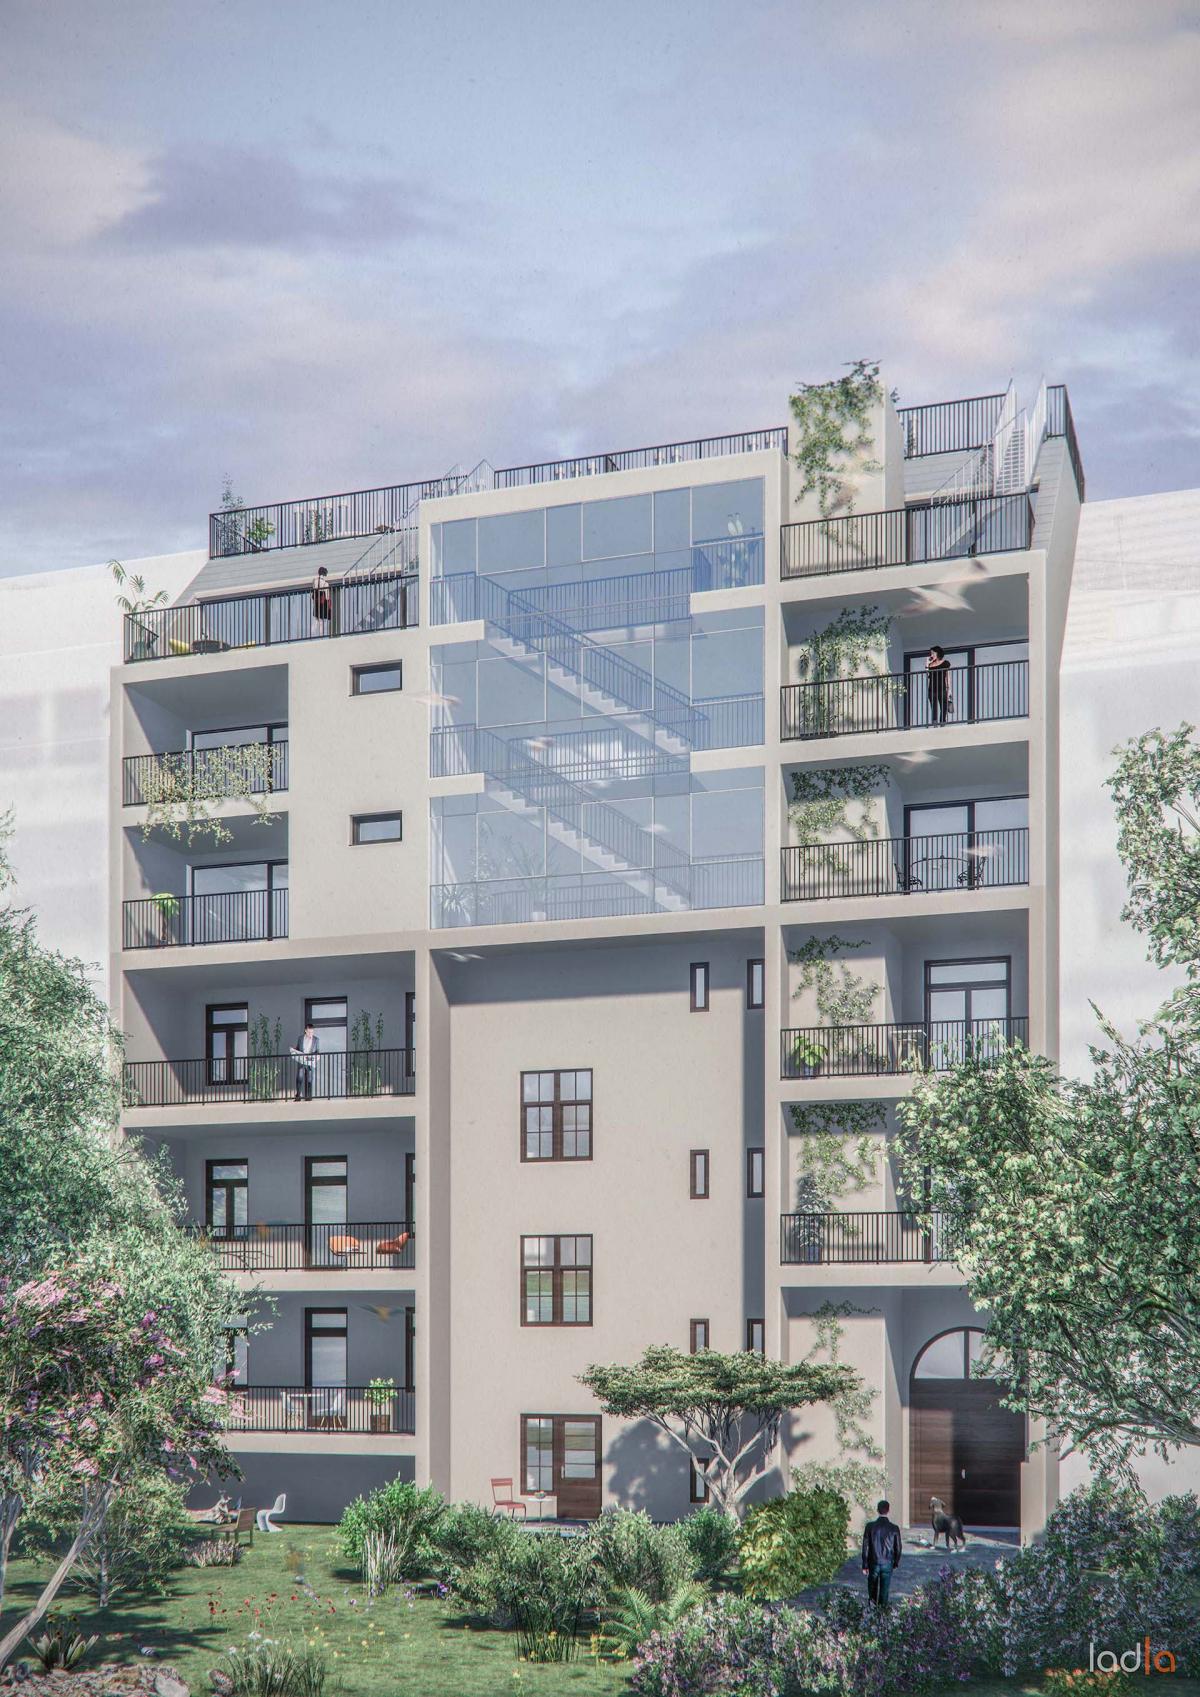 Thaliastraße image 3